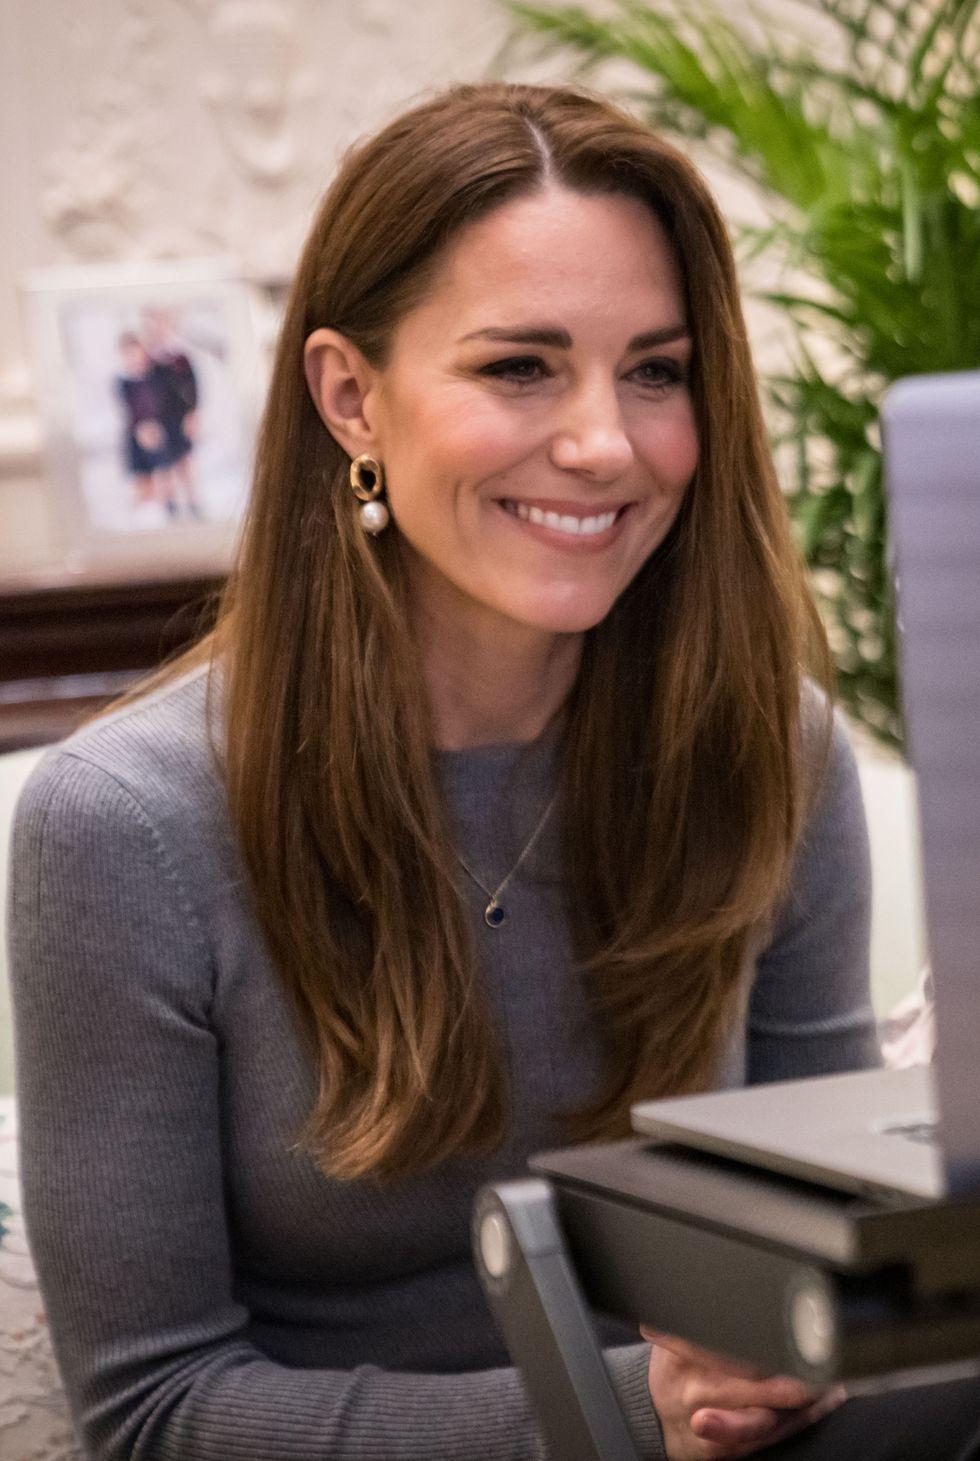 Kate Middleton Duchess Of Cambridge : middleton, duchess, cambridge, Middleton's, Fashion, Looks, Duchess, Cambridge's, Outfits